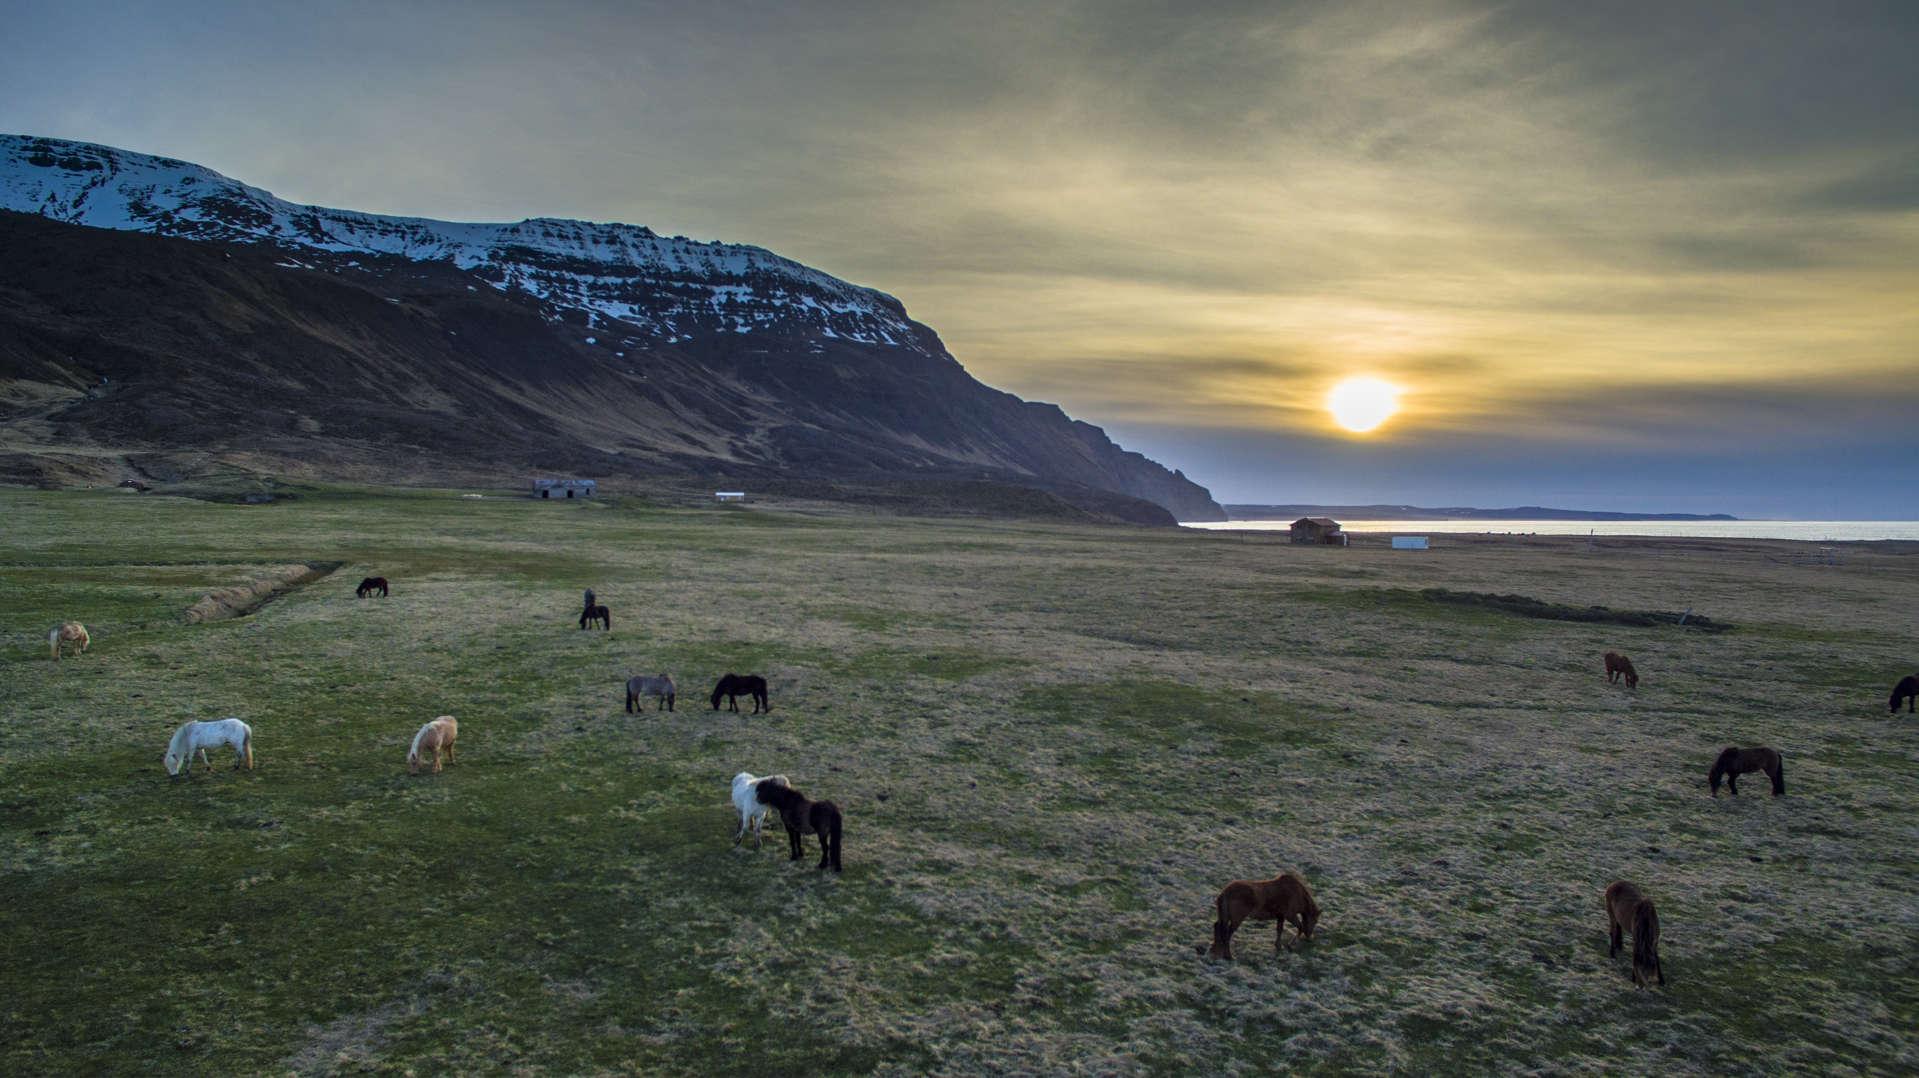 gretigslaug, horses gretigslaug, gretigslaug western fjords, gretigslaug iceland